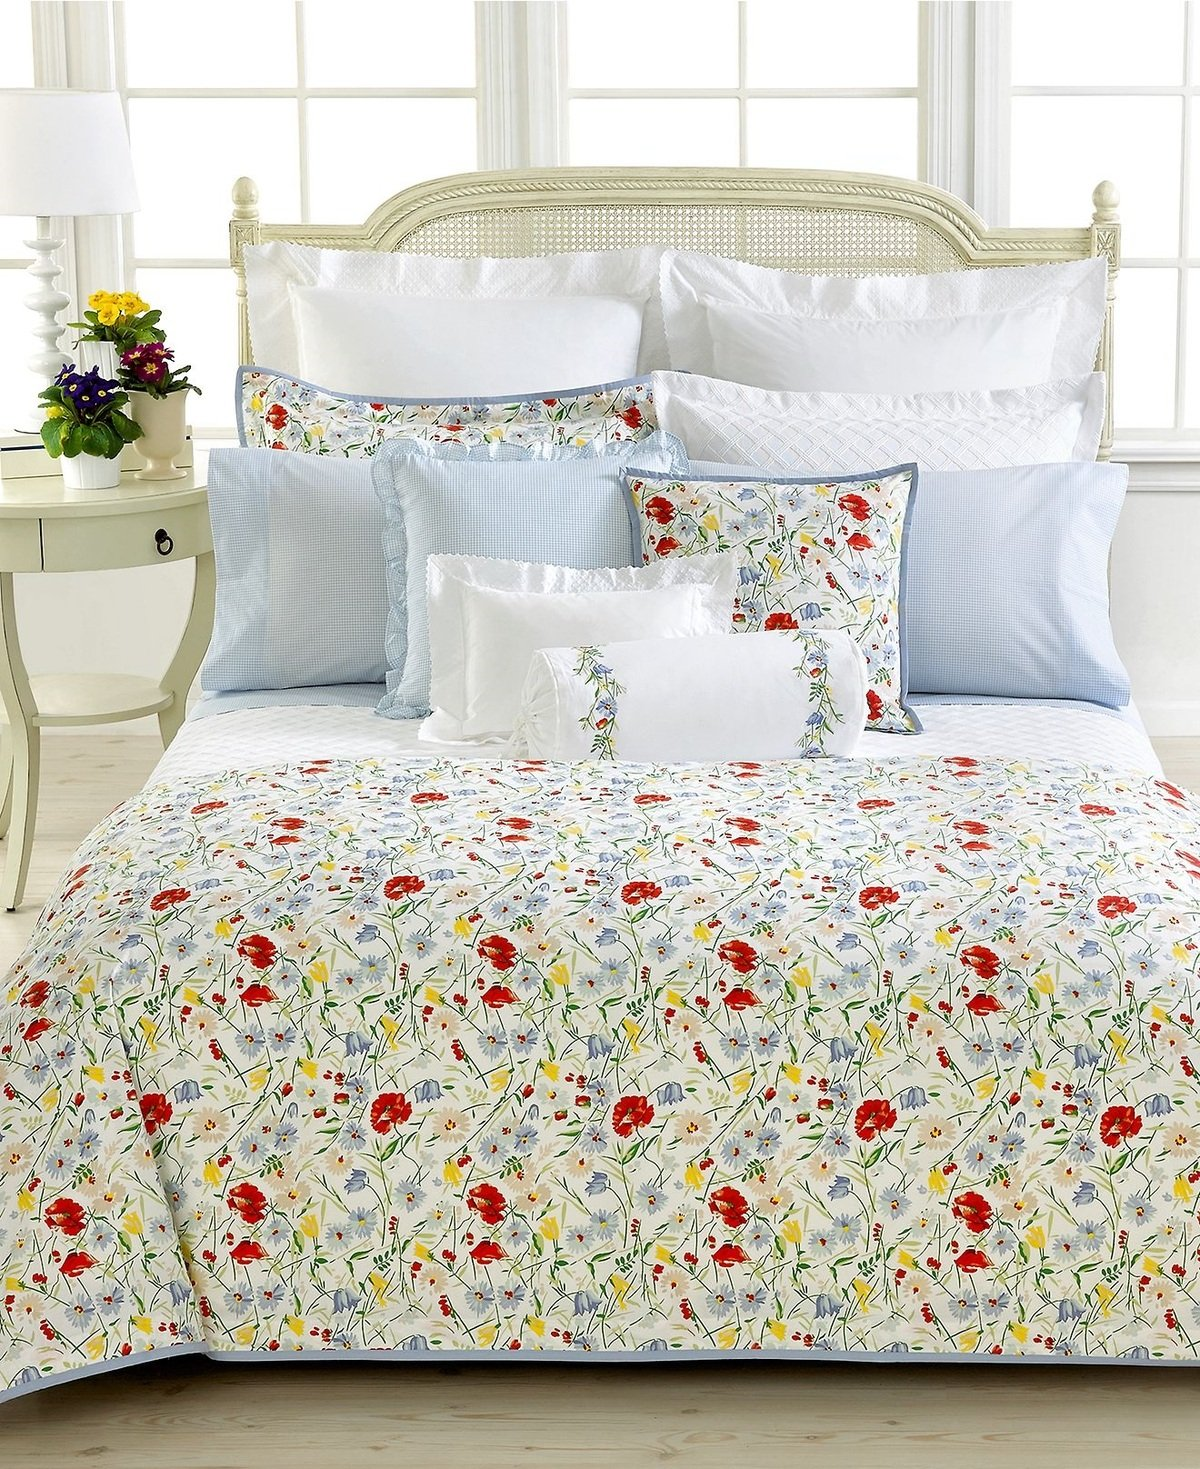 Ralph lauren home bedding - Amazon Com Lauren Ralph Lauren Home Bedding Georgica Gardens Floral King Comforter Home Kitchen